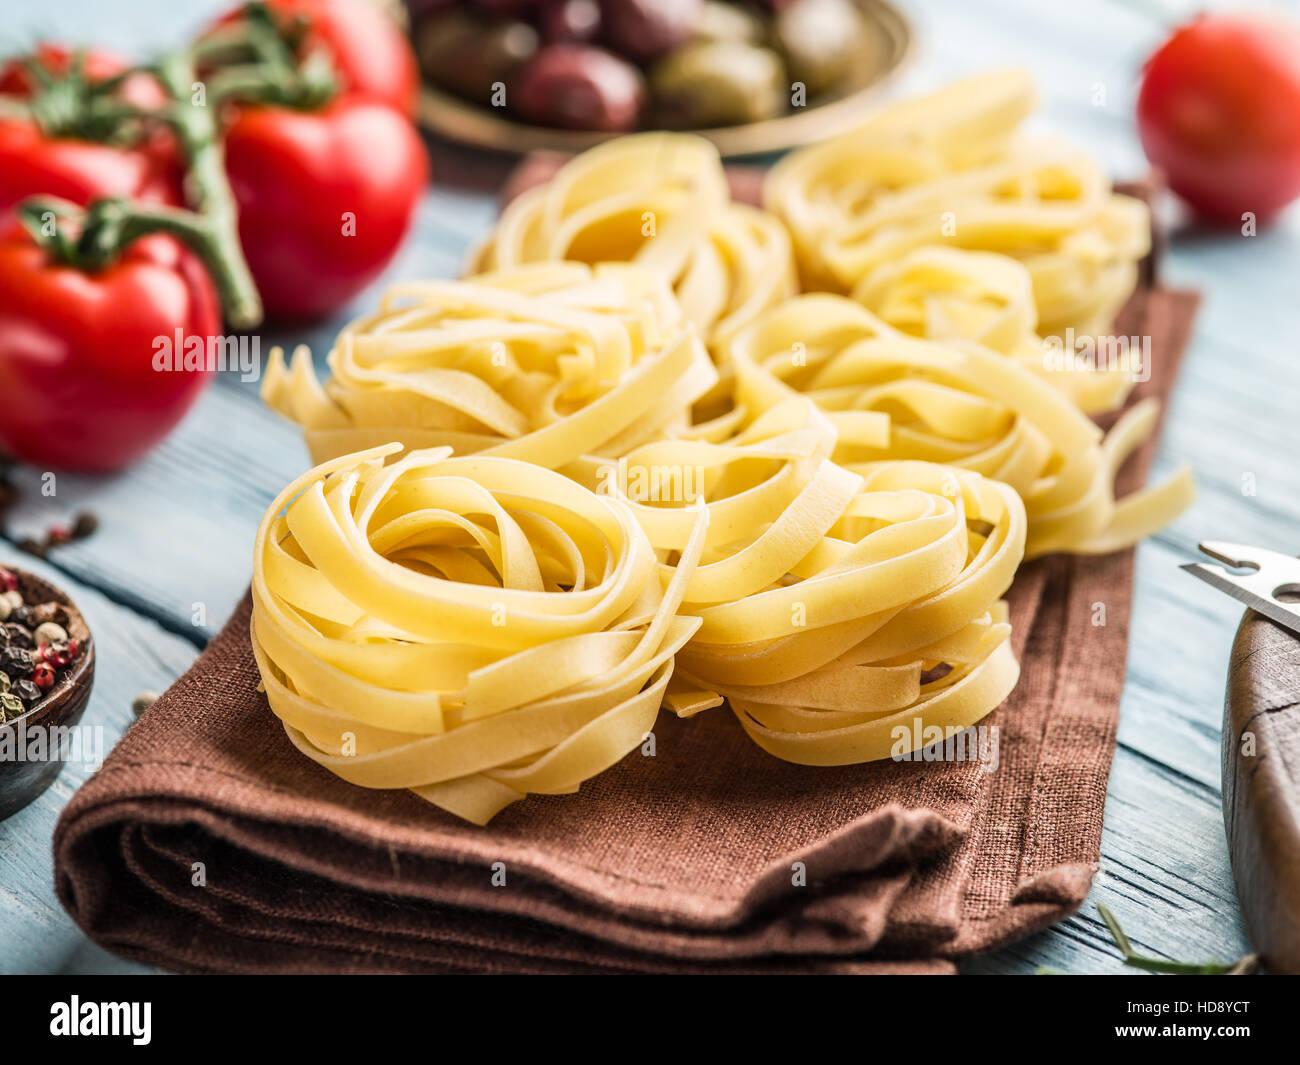 Ingrédients pâtes. Tomates cerise, d'épices et pâtes spaghetti sur la table en bois. Photo Stock